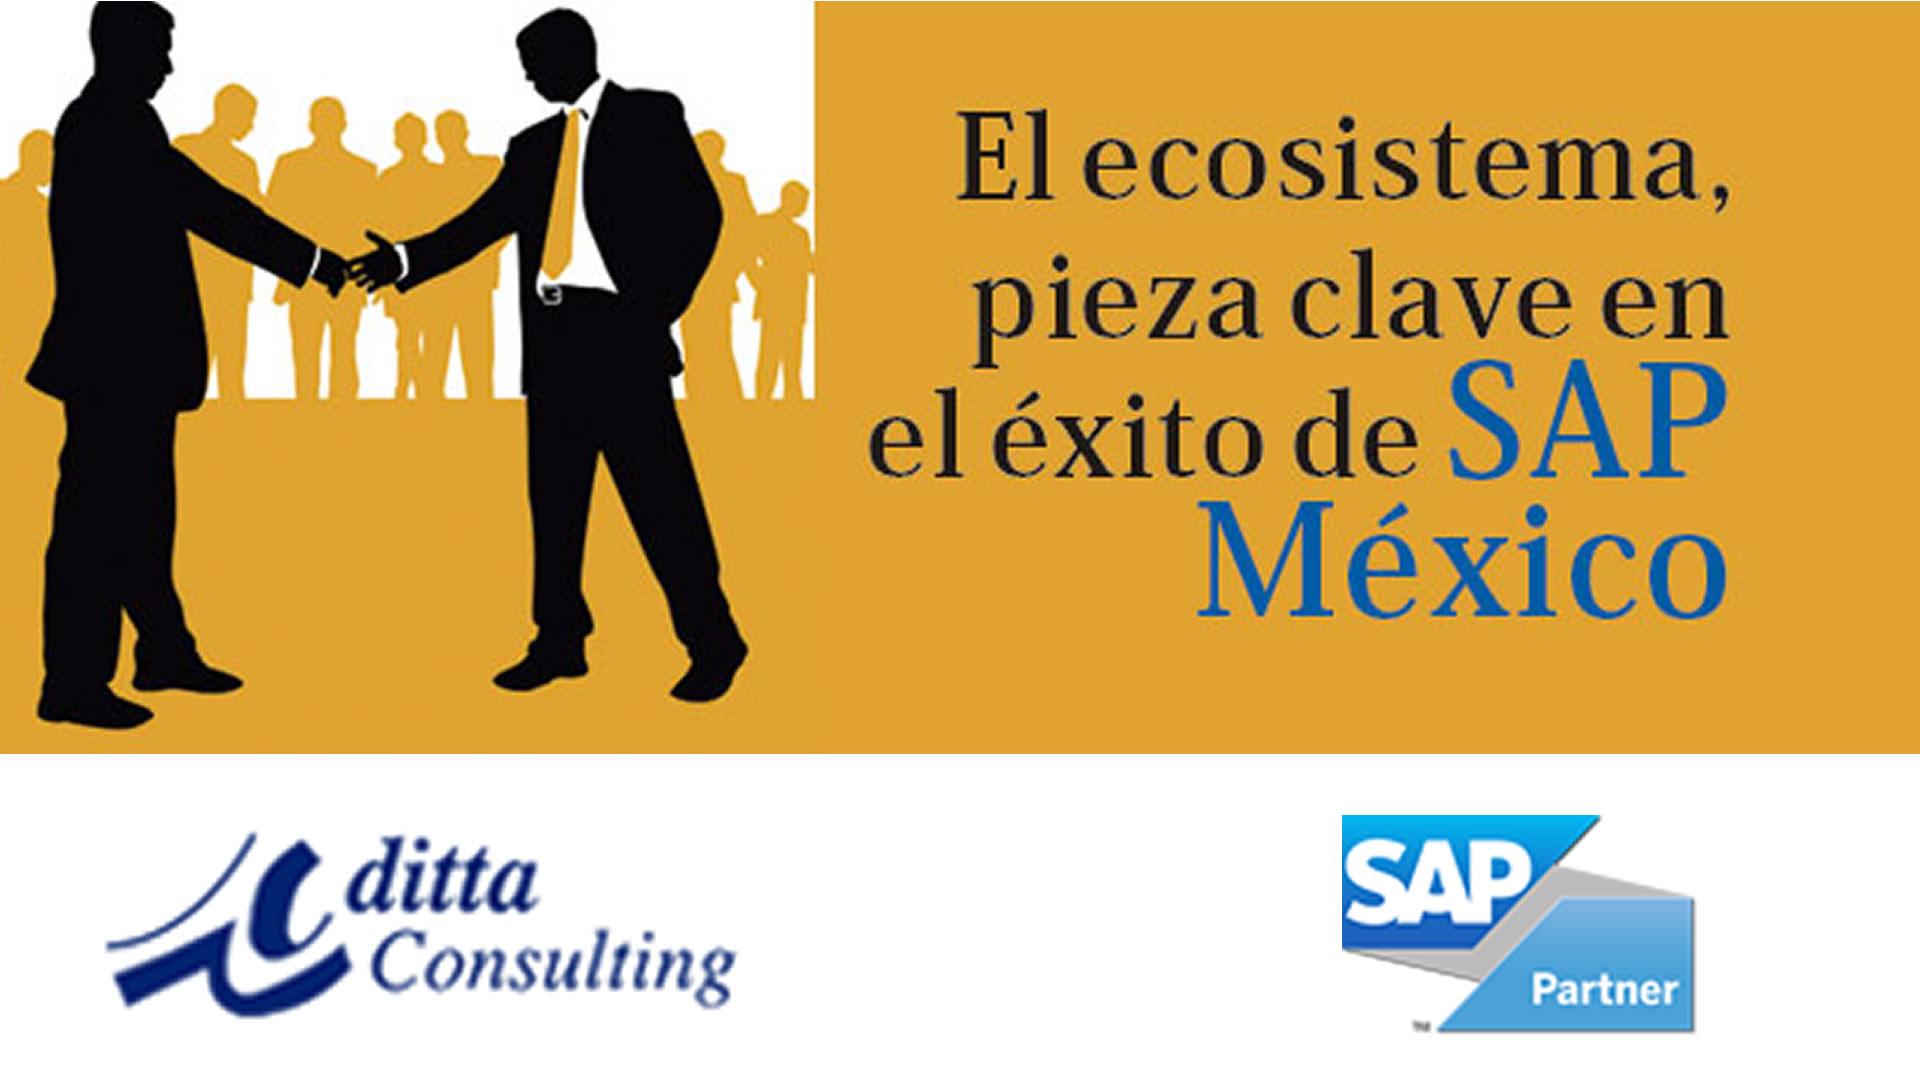 SAP Partner en México